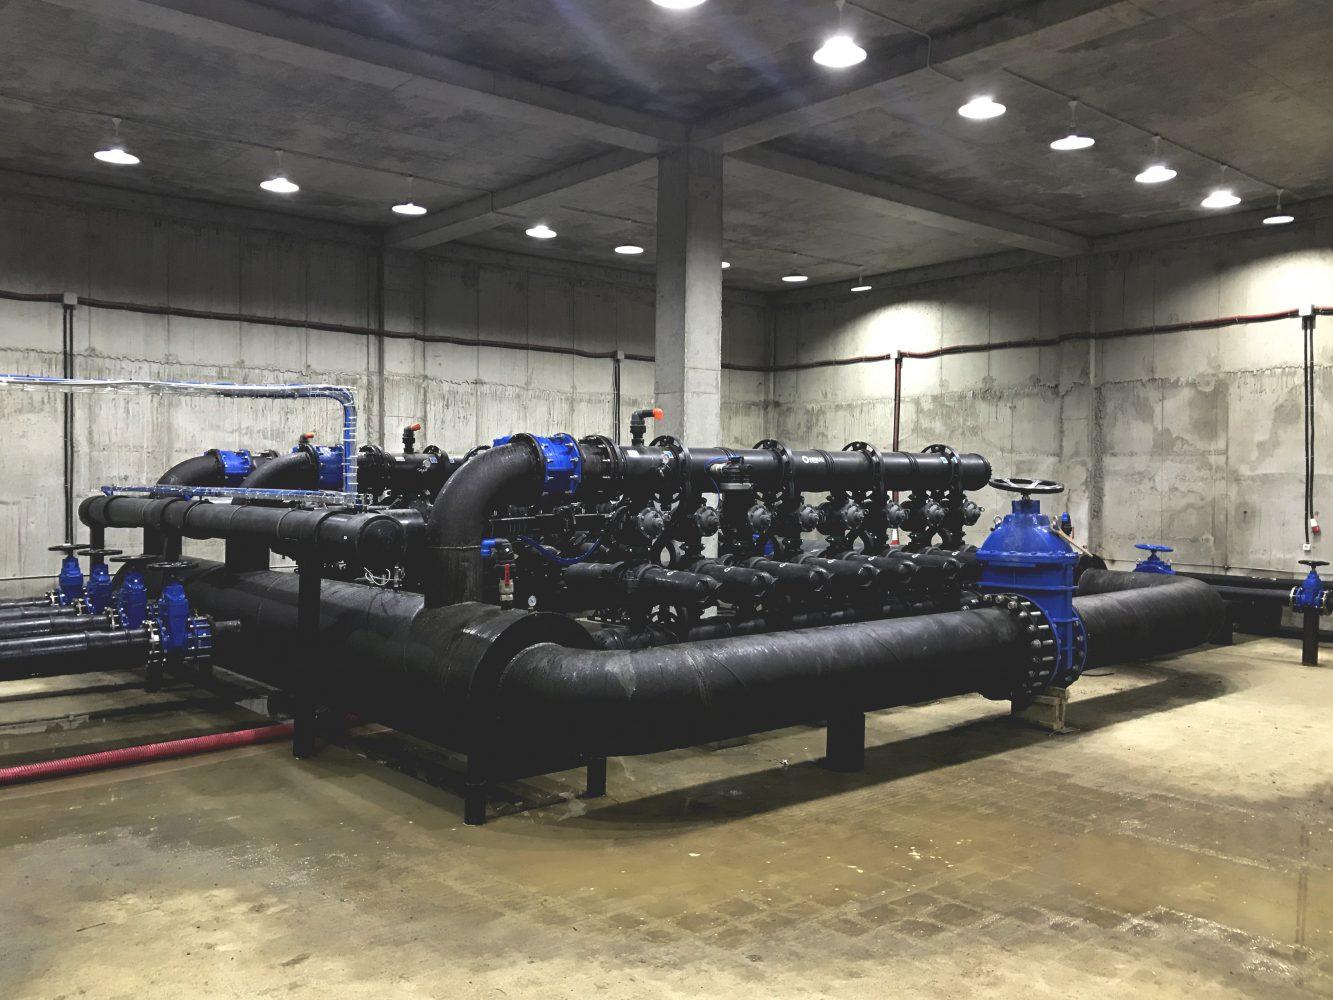 ქუთაისის დავით აღმაშენებლის სახელობის აეროპორტის წყალმომარაგებისა და წყალარინების სამშენებლო სამუშაოები